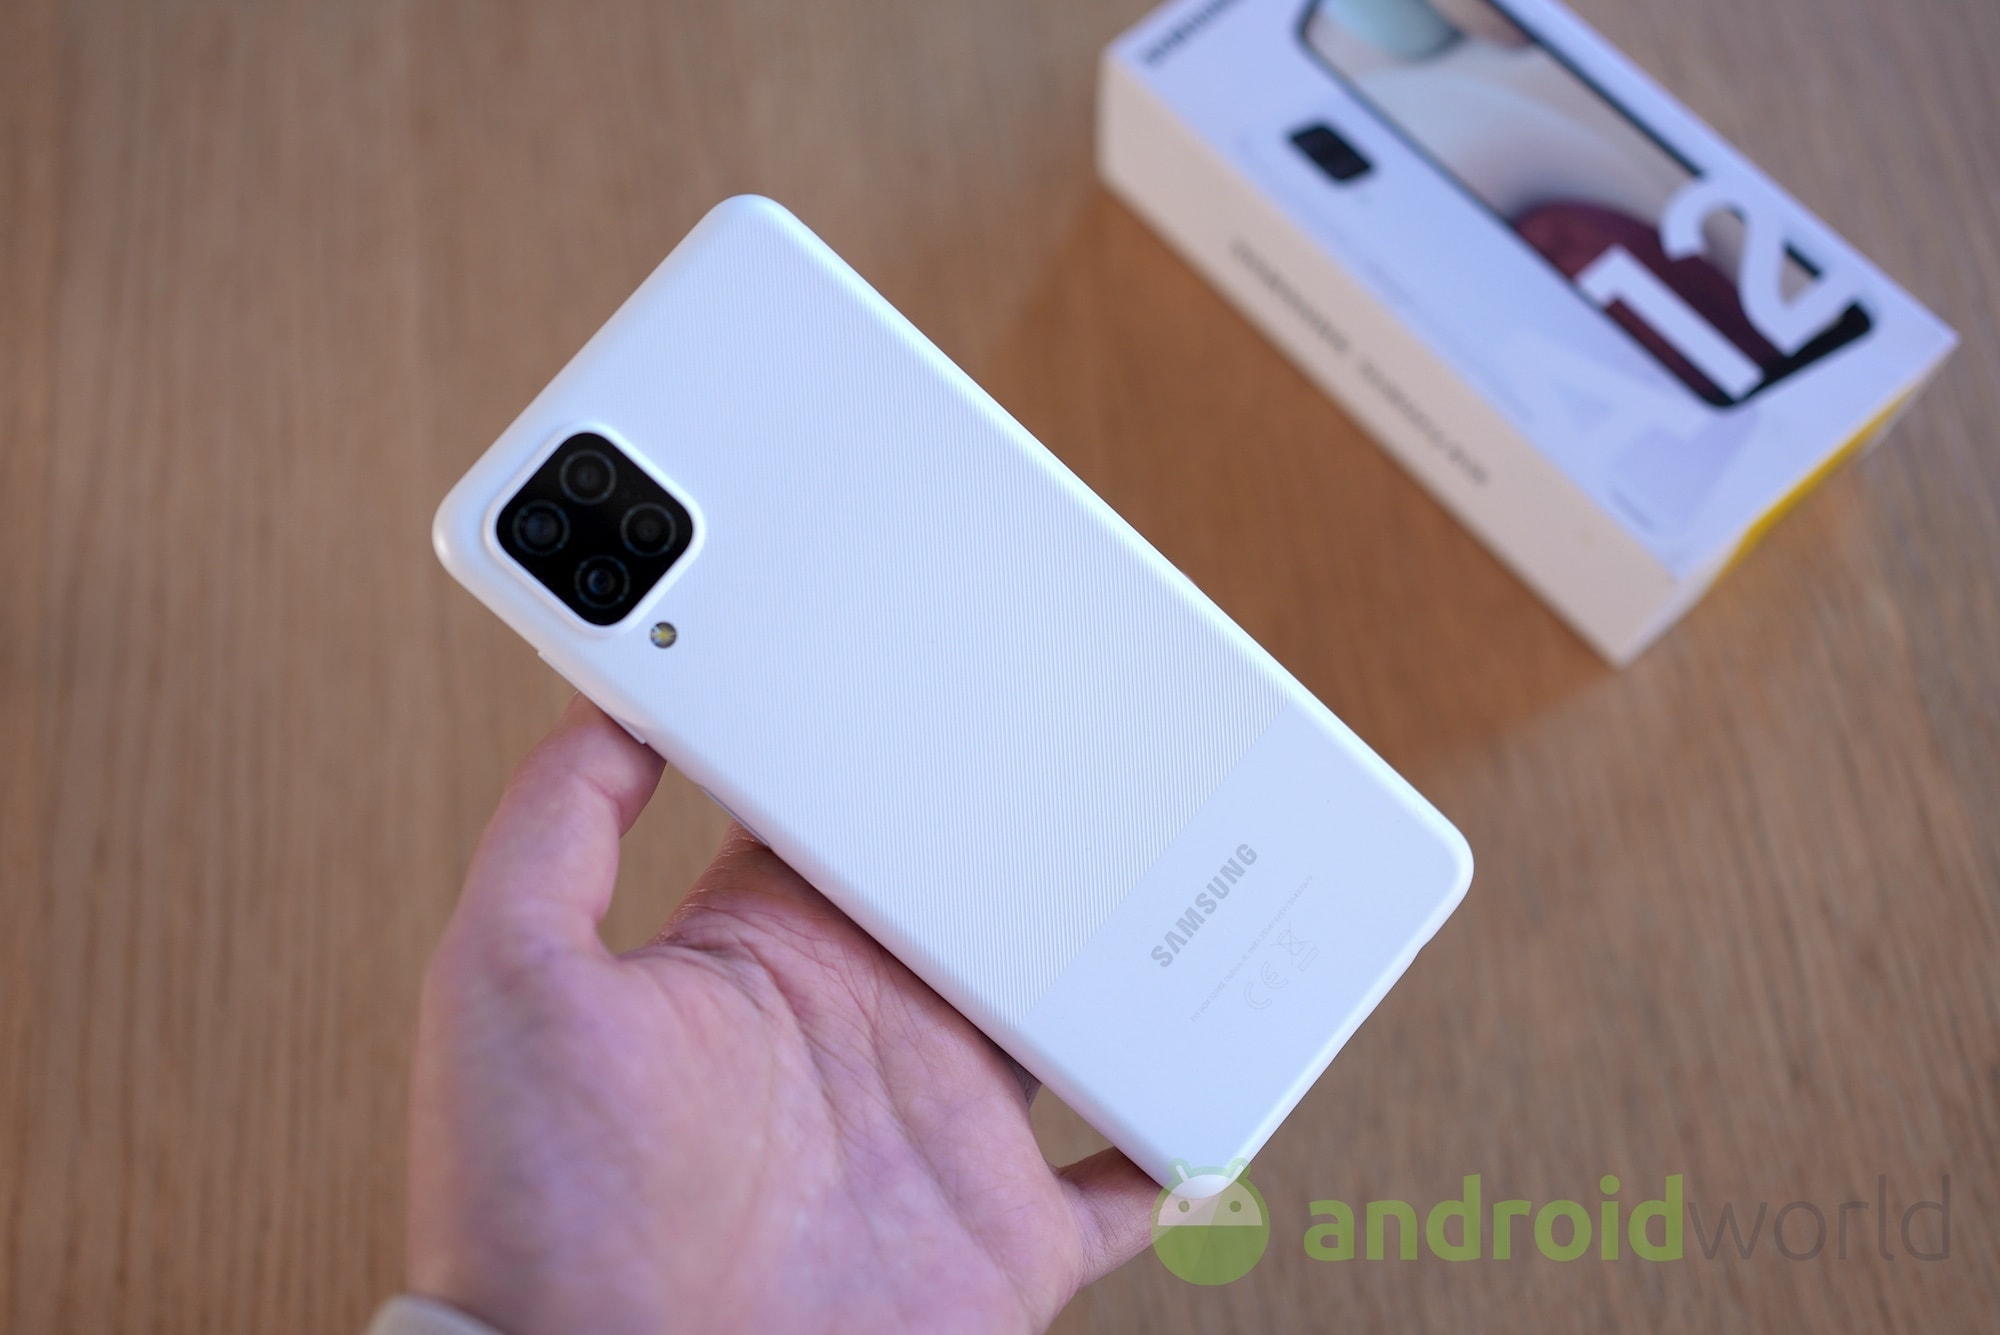 Galaxy A12 è tra i migliori compromessi tra qualità fotografica e prezzo, la prova di DxOMark (foto)